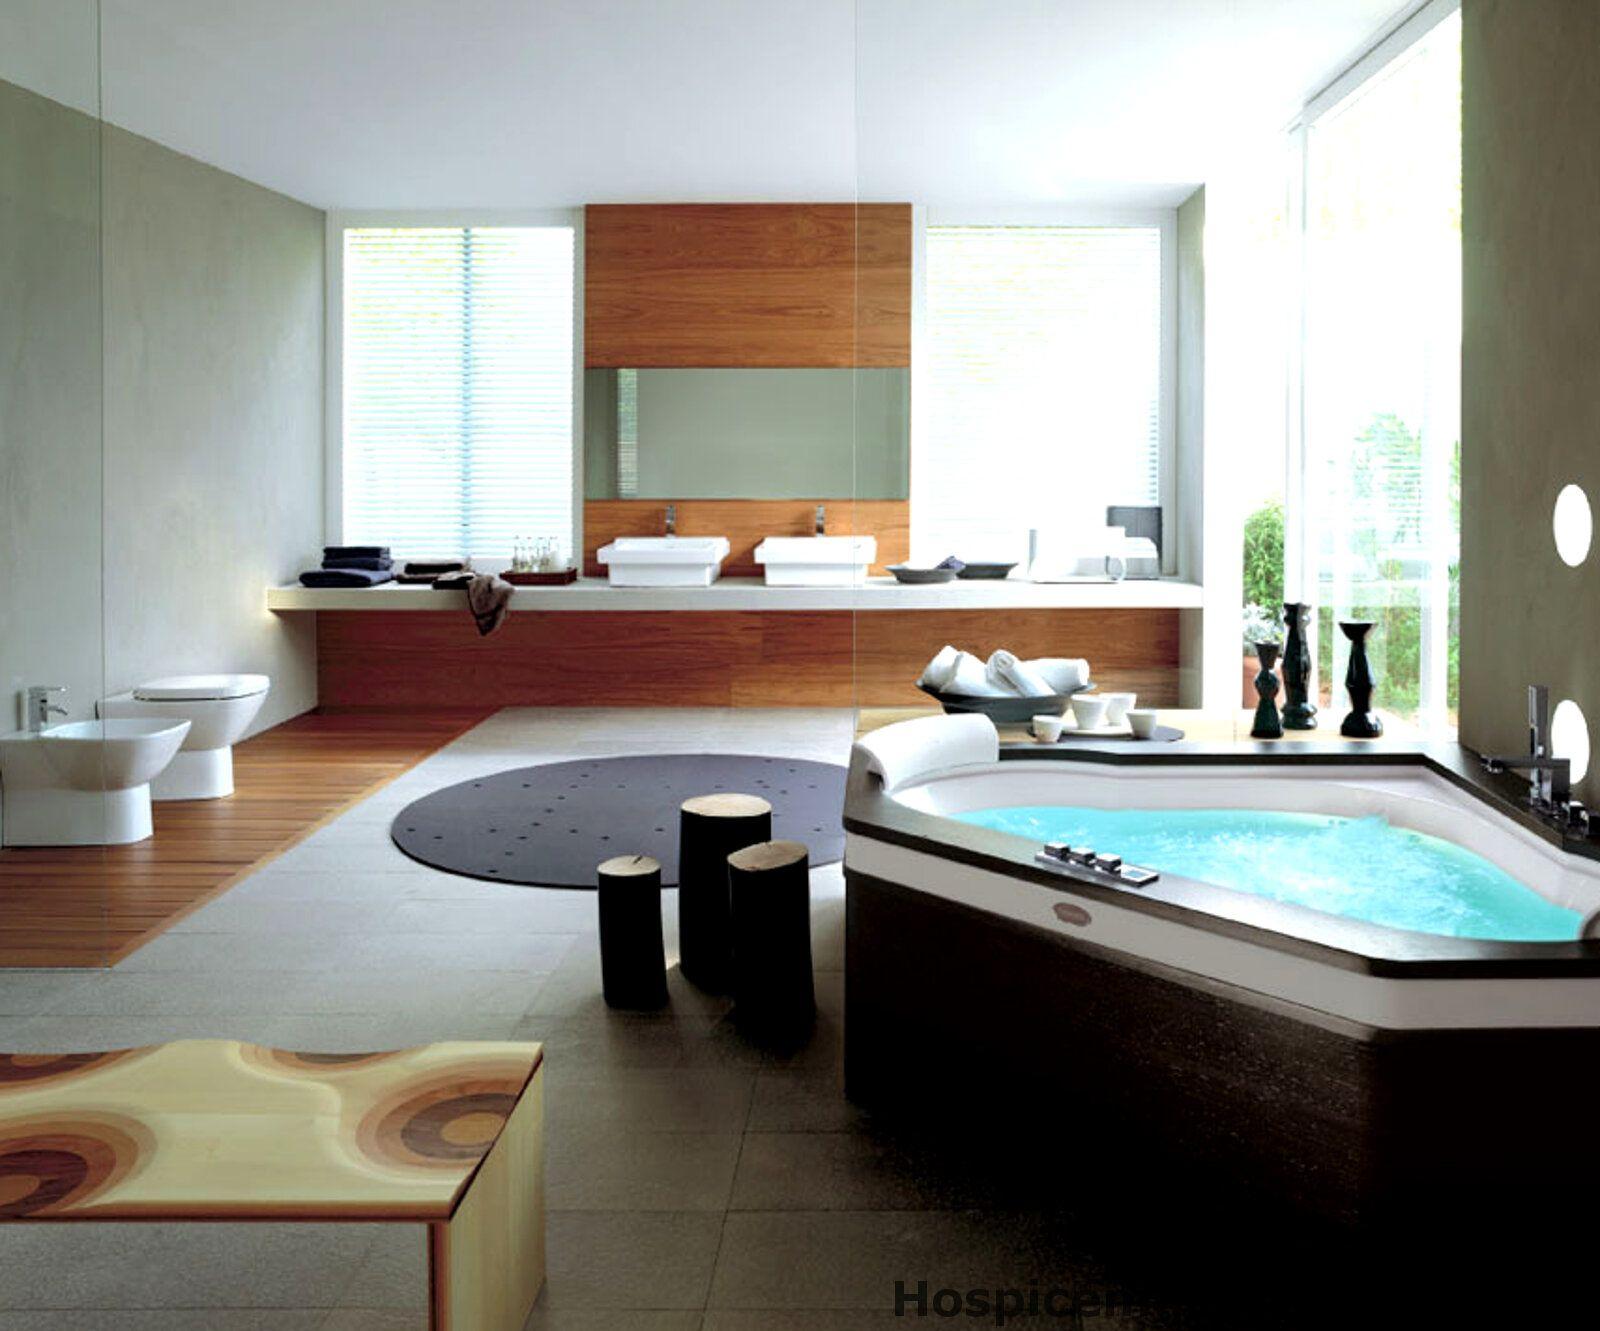 Badezimmer Braun ~ Ideen für badezimmer braun beige wohn ideen badezimmer